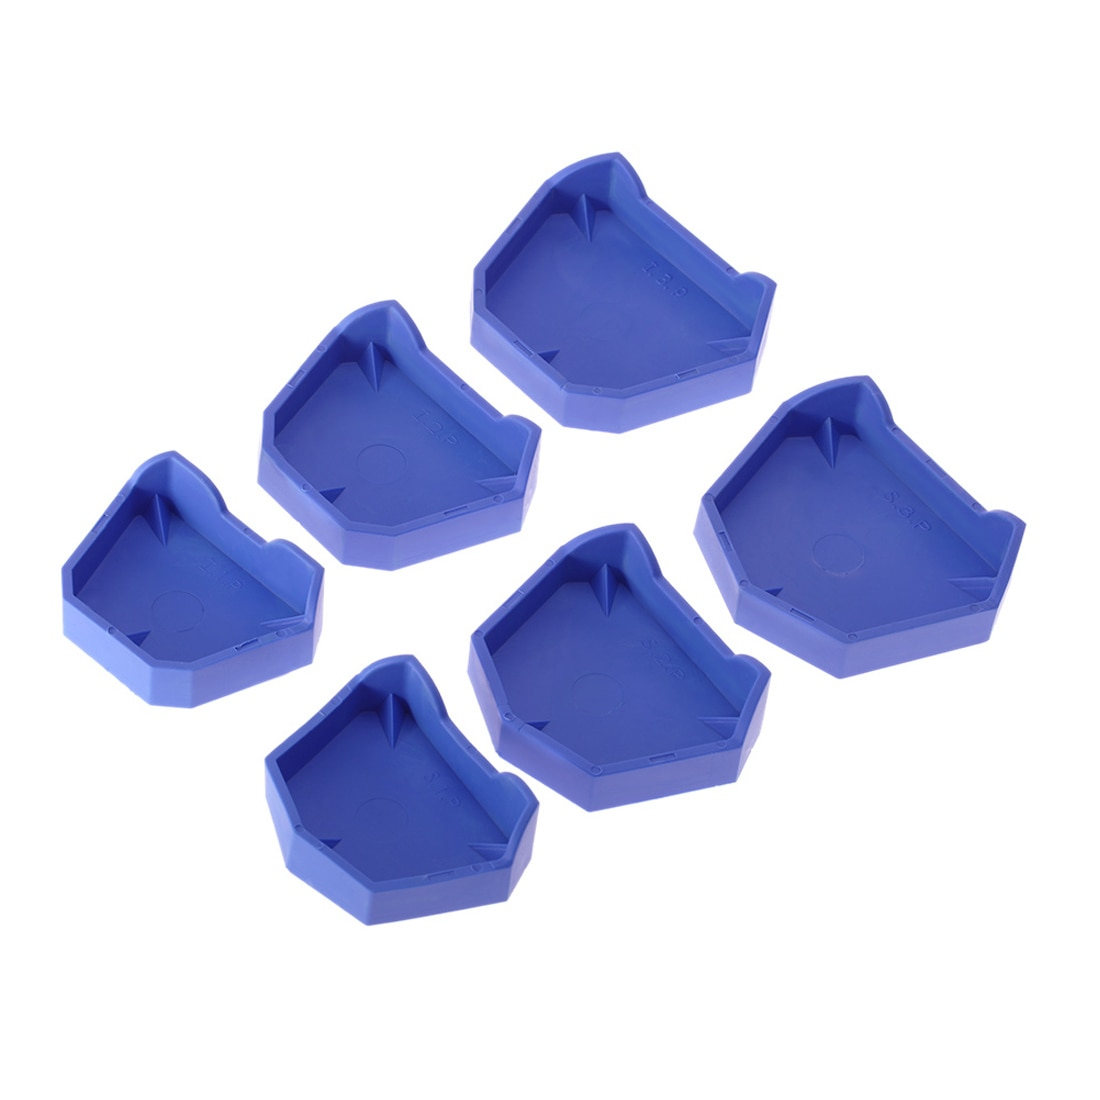 Набор для стоматологической модели, 2 шт., 3 размера, основа для стоматологической формы, гипсовая основа, лоток для протезов, гигиена полости рта, стоматологическая лаборатория, бывший базовый набор